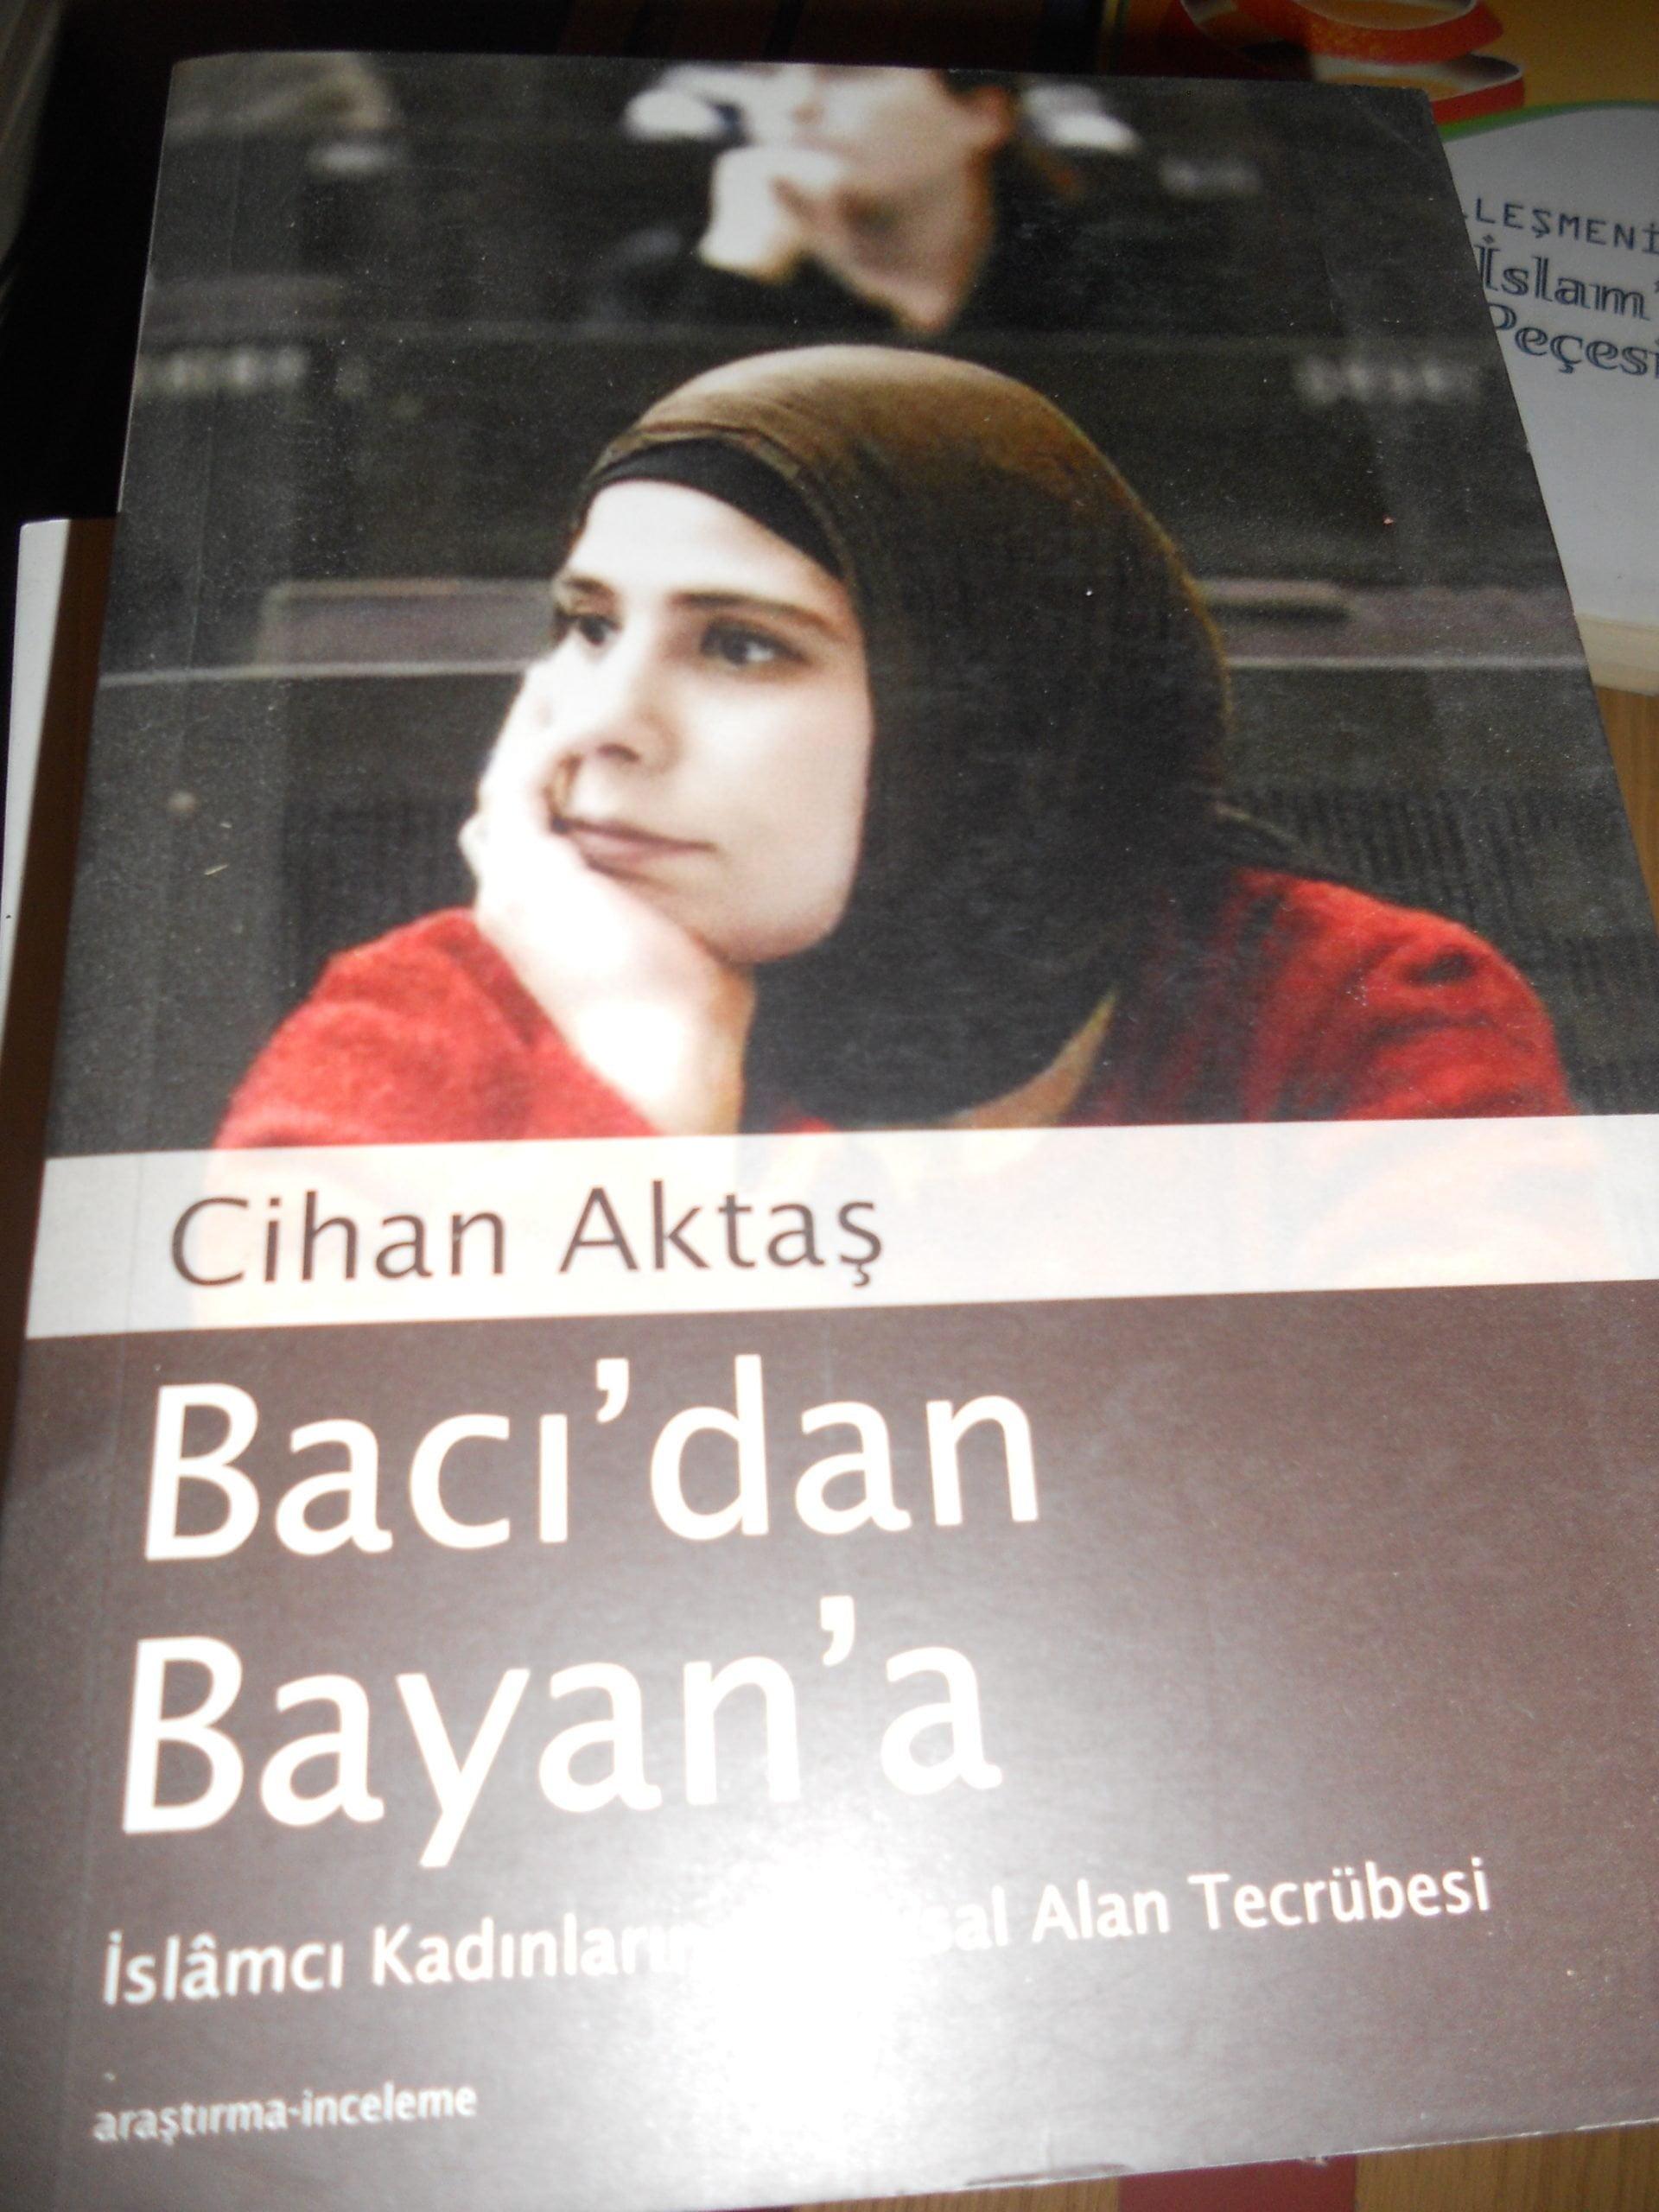 BACI'DAN BAYAN'A(İslamcı kadınların kamusal alan tecrübesi)/Cihan AKTAŞ/15 TL